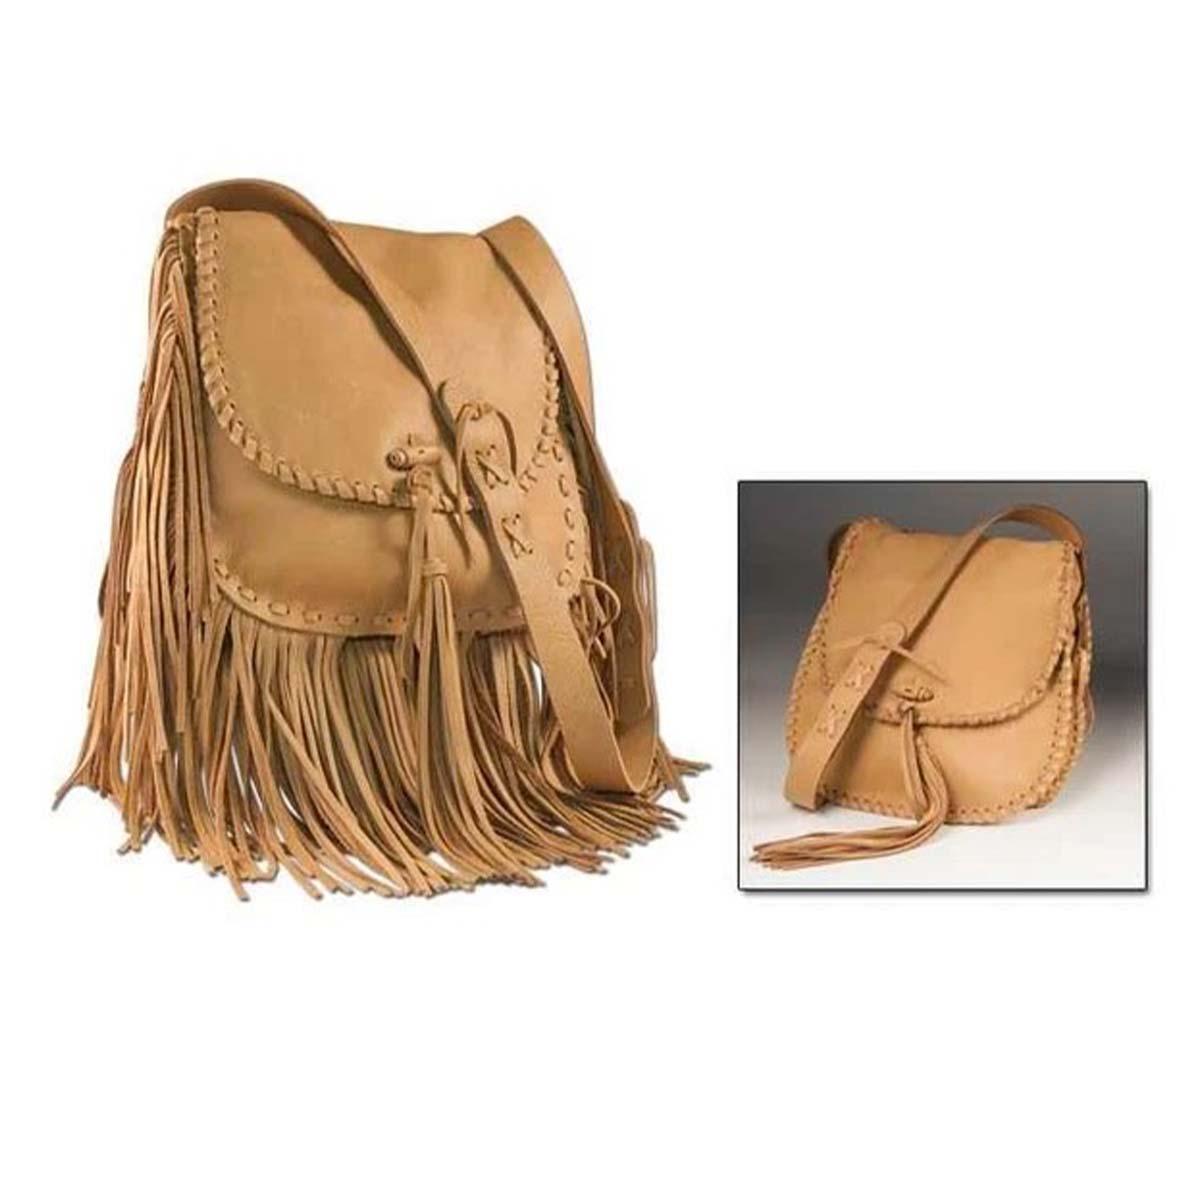 Kit pour sac en cuir à franges JANIS - 44321-01